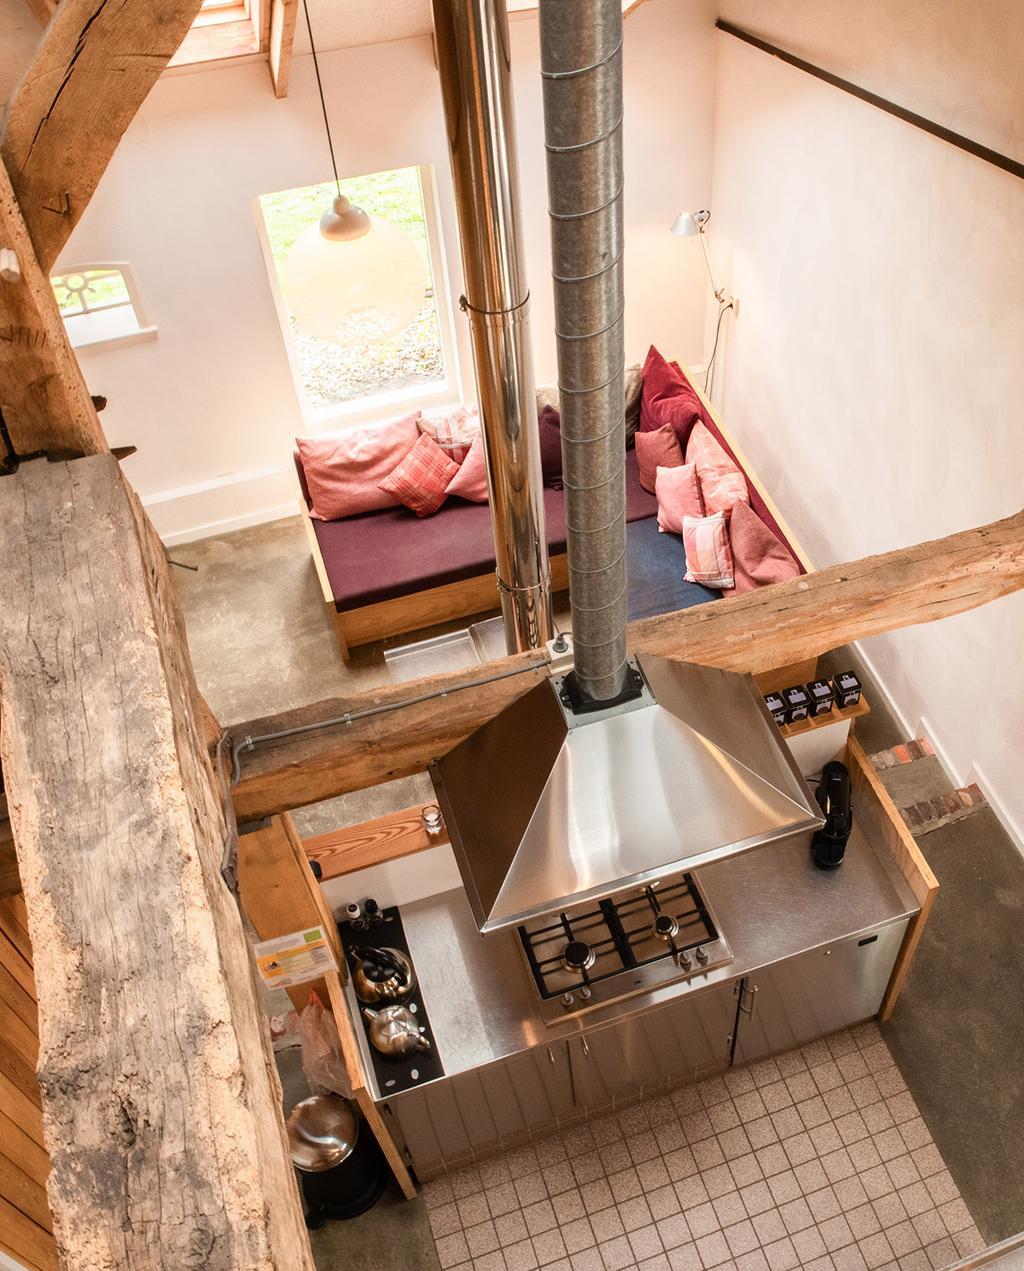 vtwonen special zomerboek 08-2020 | vakantiehuis van bovenaf gefotografeerd met een pallet bank en keuken, landelijke omgeving